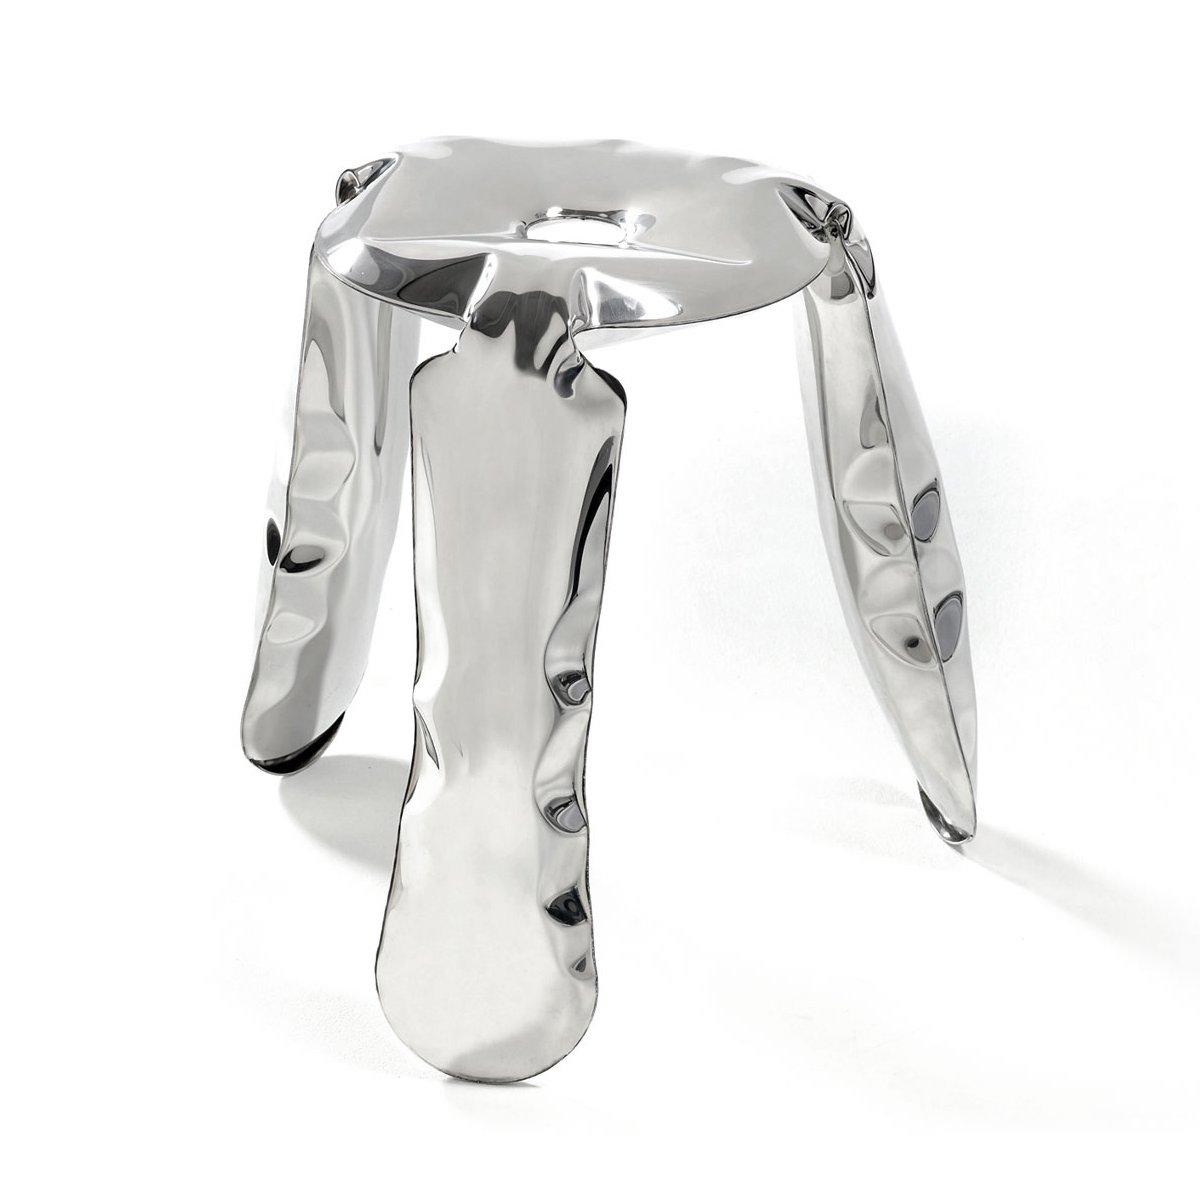 Inflated metal stool by OSKAR ZIETA  Pneumatic Design